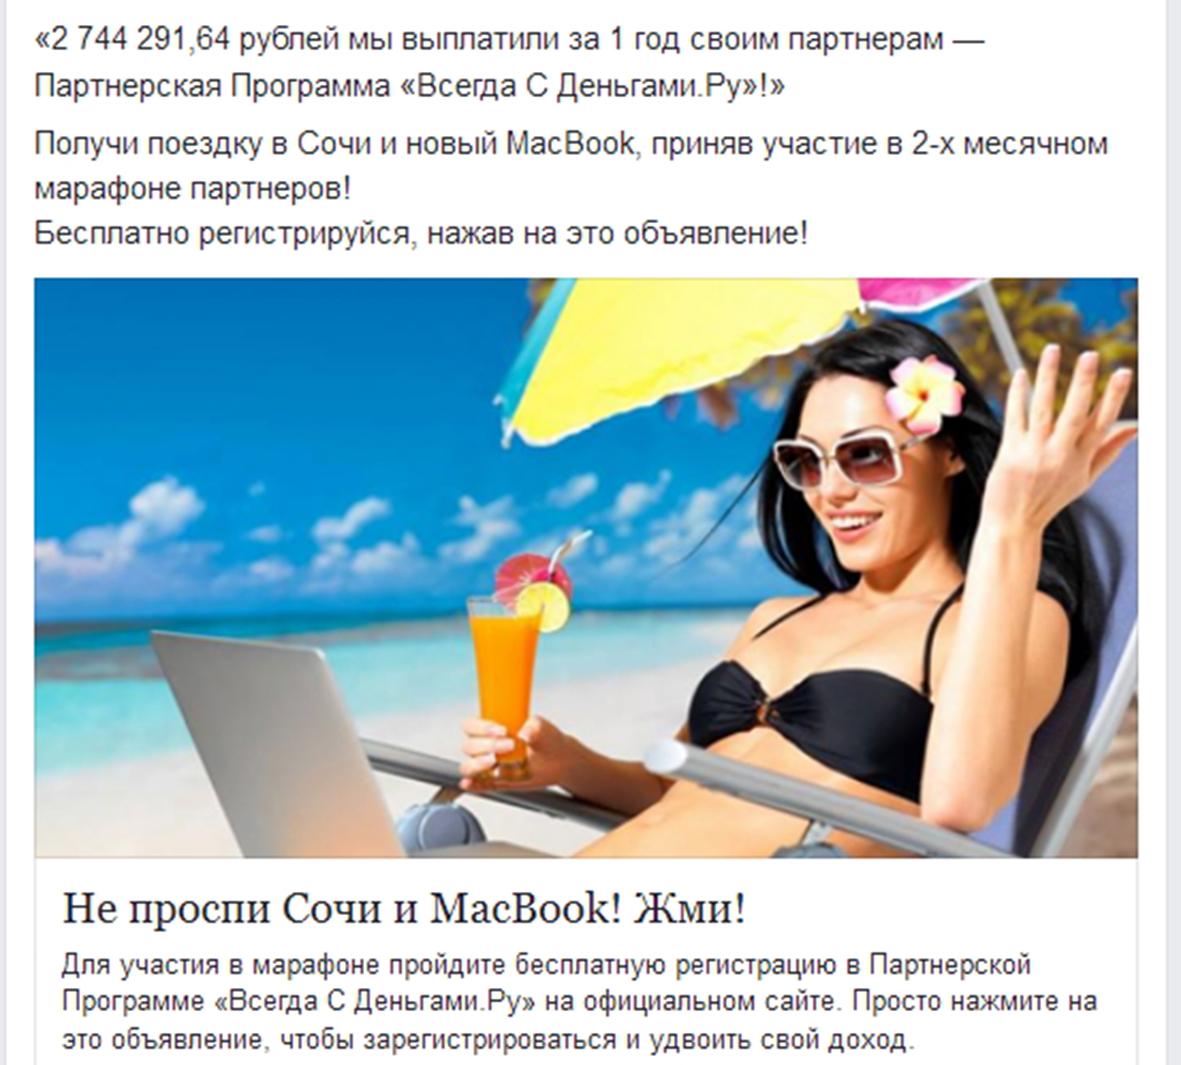 Рекламное объявление подходящее для показов по рекламе и в Фейсбук и в Инстаграм, с предварительным тестированием и аналитикой.